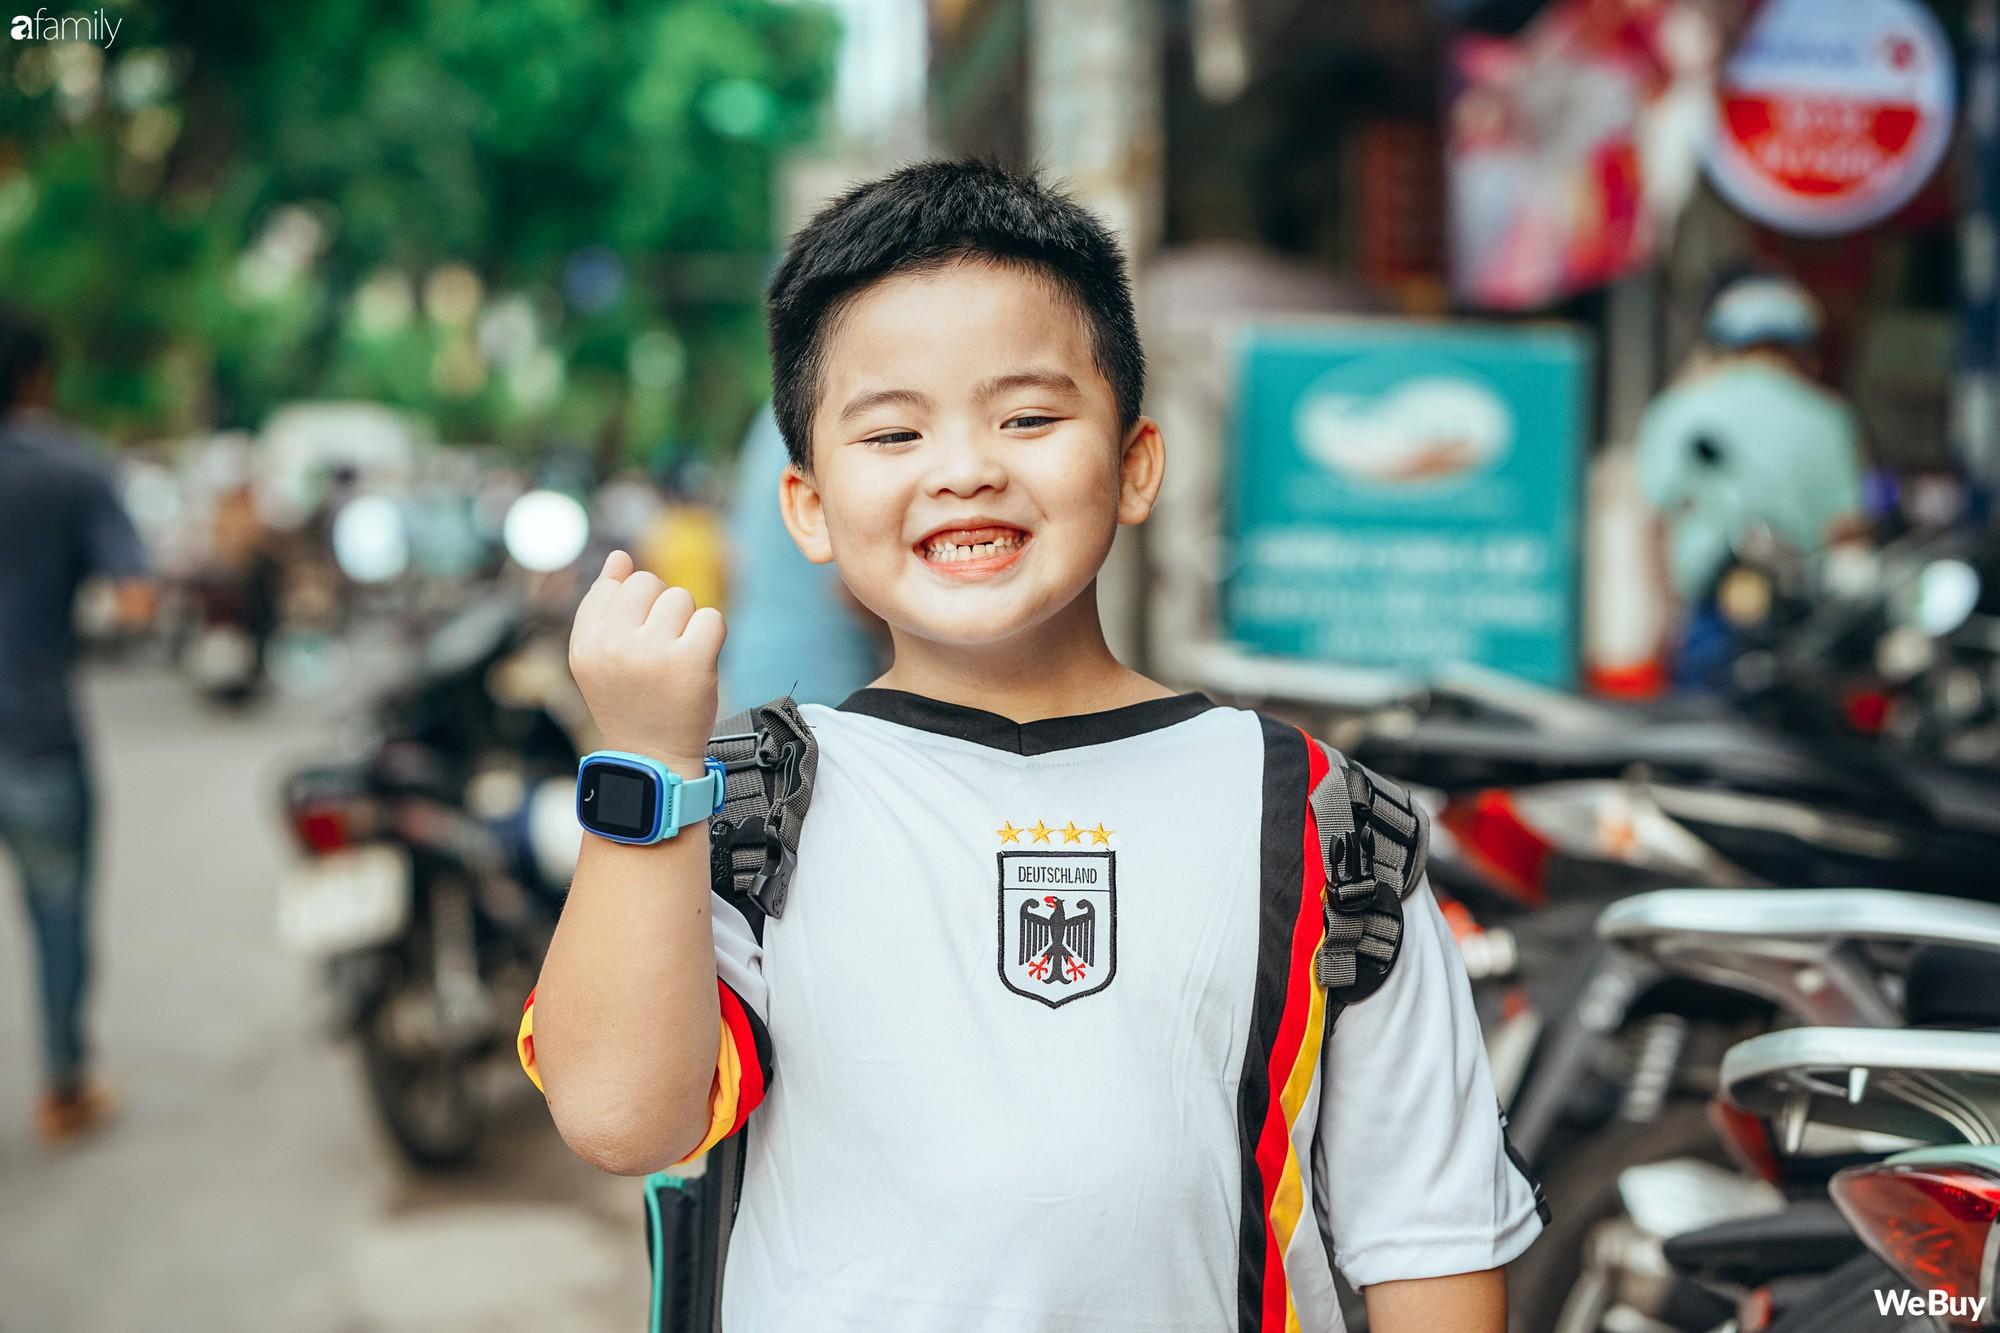 đánh giá đồng hồ định vị trẻ em wonlex gw400s webuy afamily DSC07994